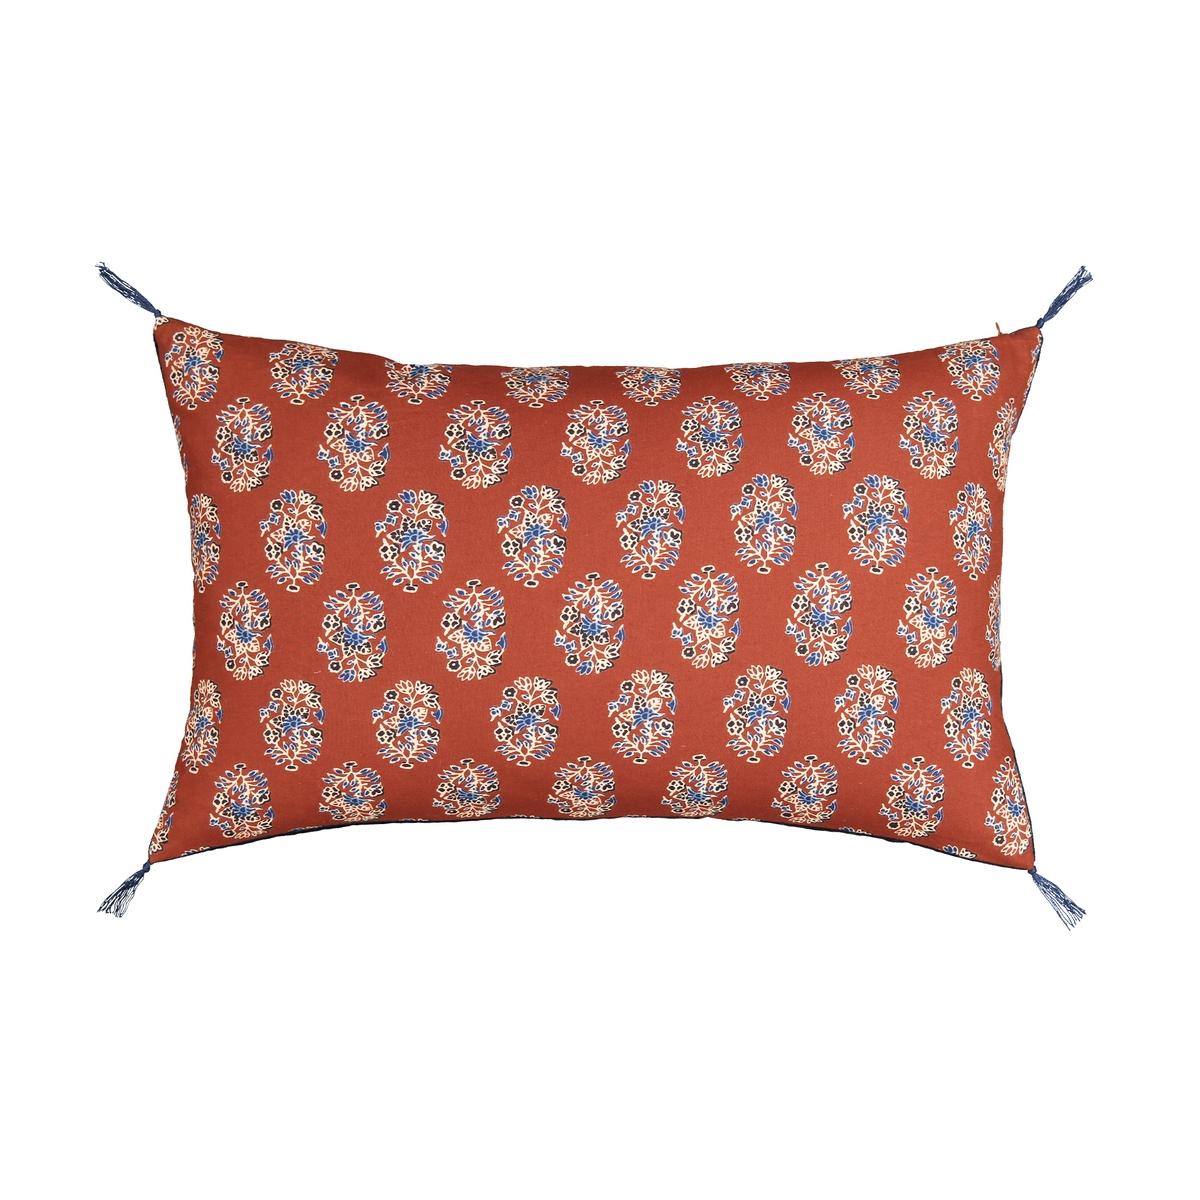 Наволочка La Redoute Из велюра Capana 60 x 40 см оранжевый покрывало la redoute из велюра capana 130 x 180 см оранжевый